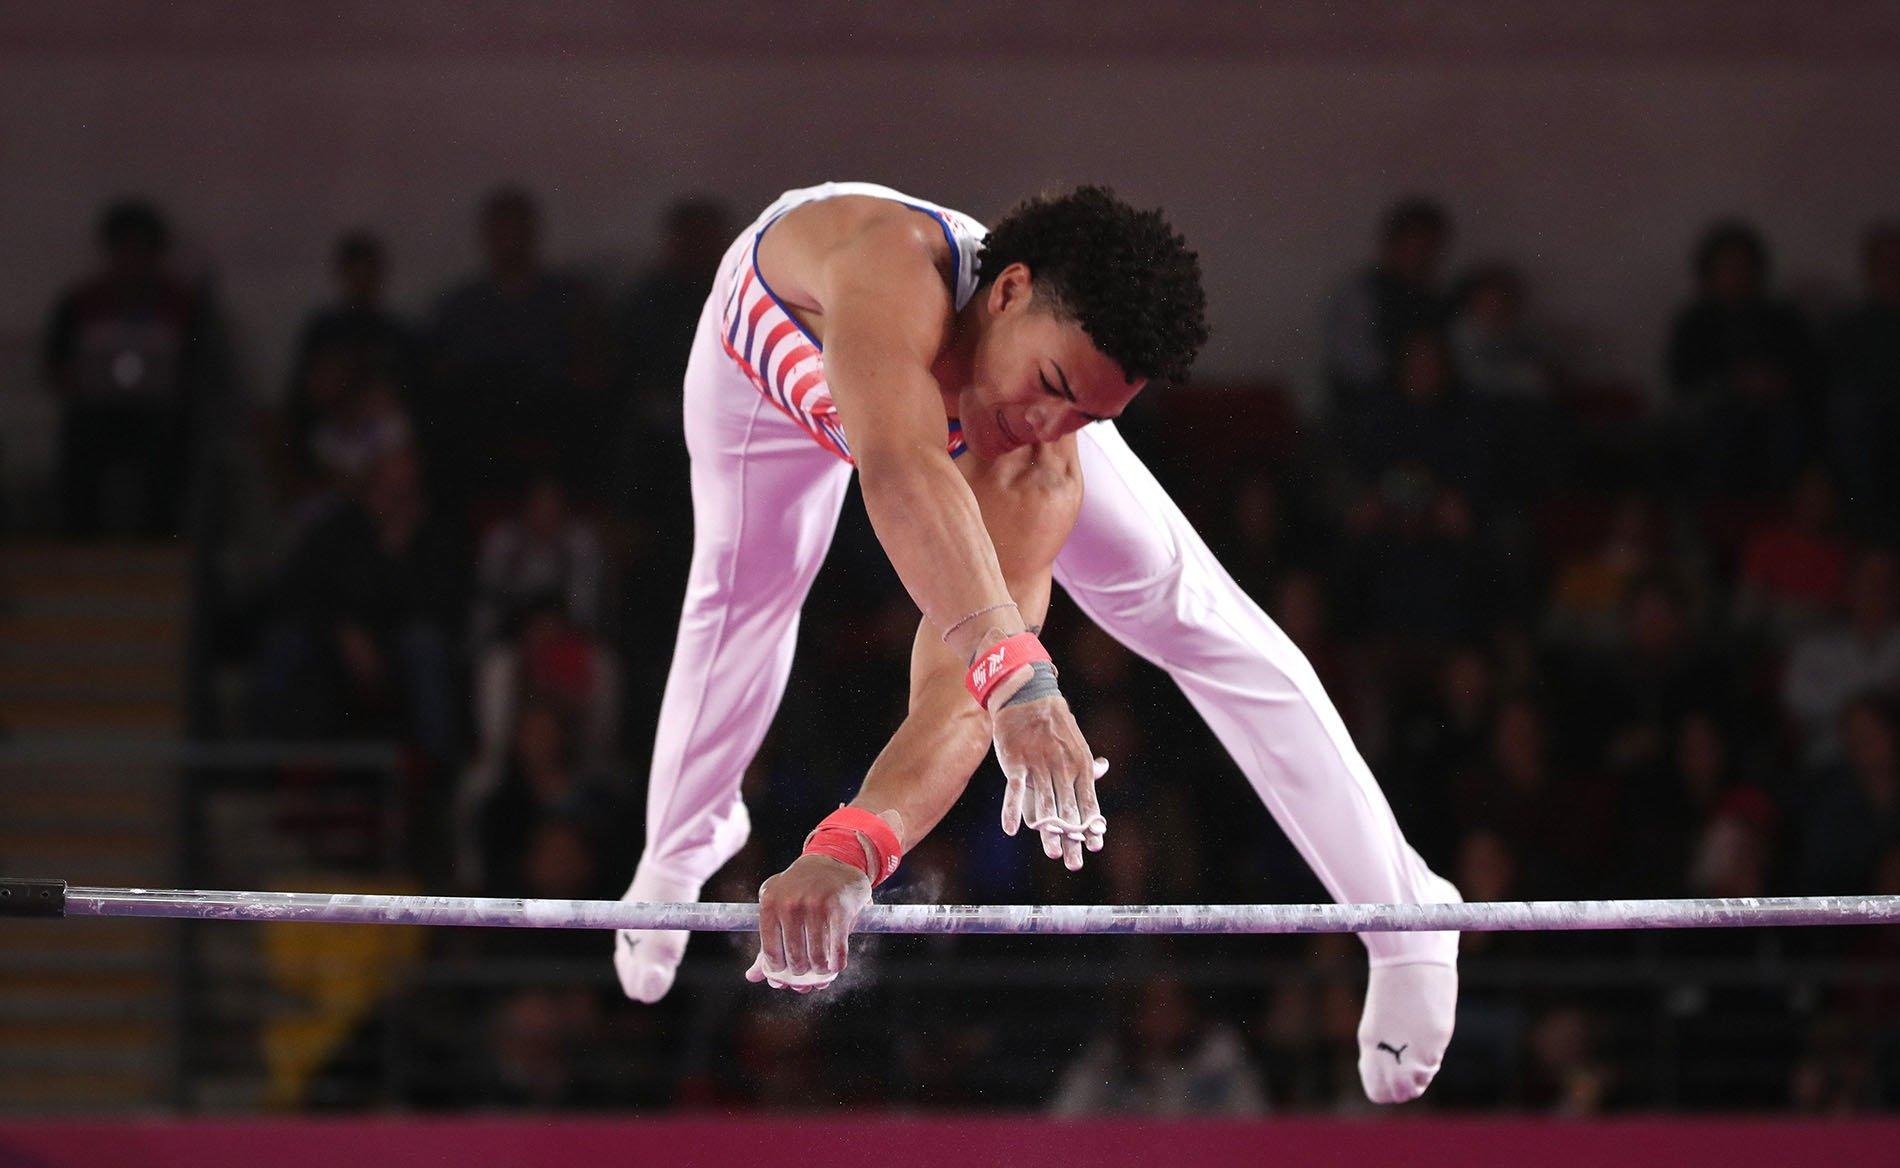 El cubano Huber Godoy en la final de barra fija de gimnasia artística de los Juegos Panamericanos Lima 2019, en Lima, en la que logró una inesperada medalla de bronce. Foto: Orlando Barría / EFE.